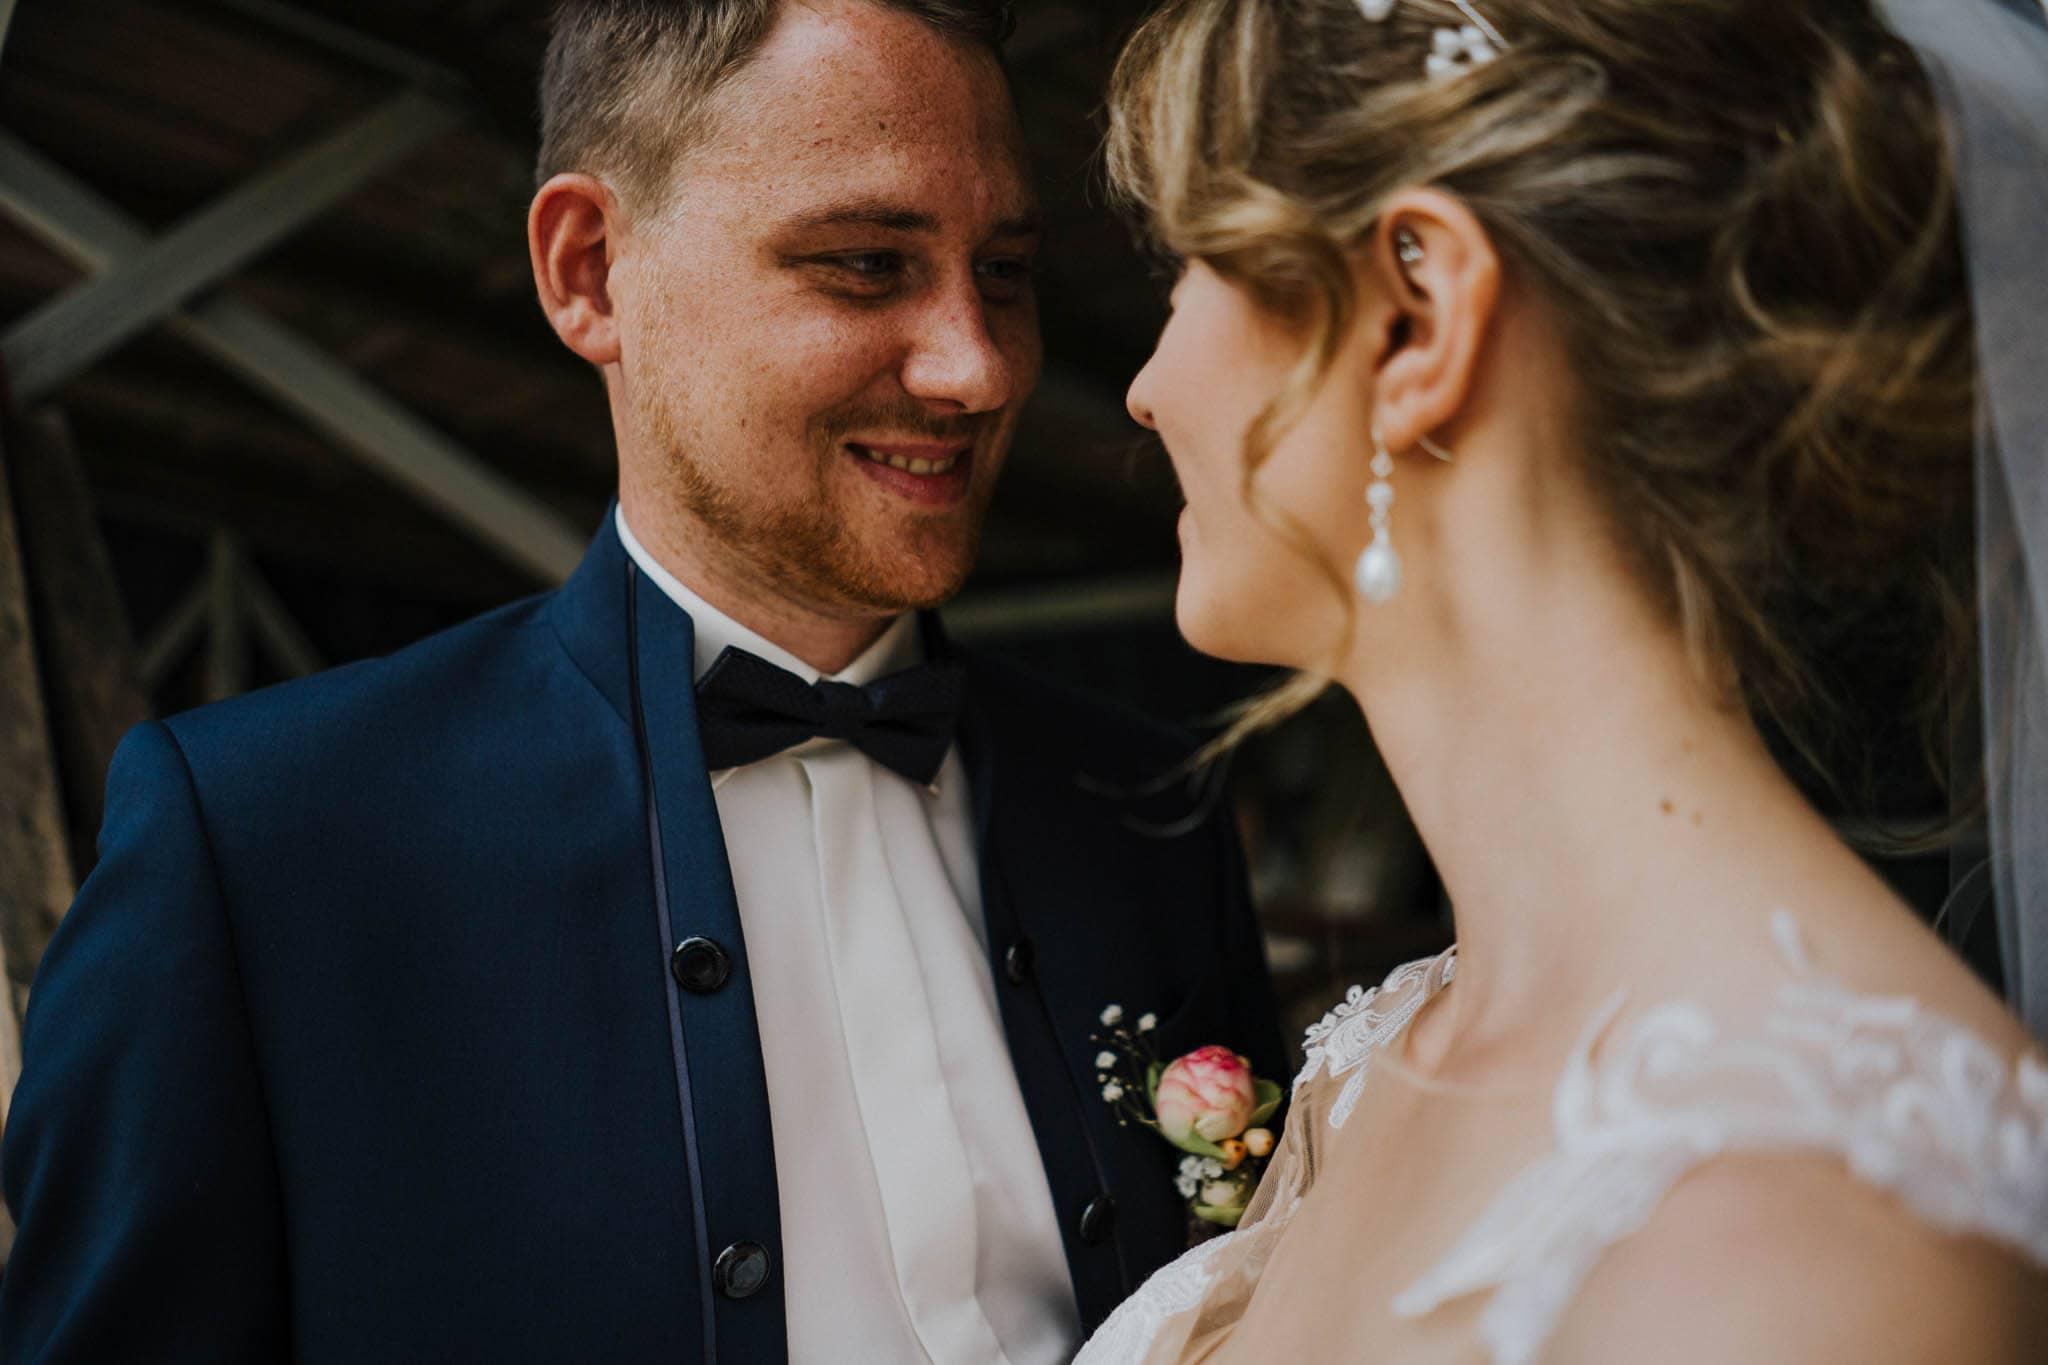 Hochzeitsfieber by Photo-Schomburg, Hoichzeitsfotograf, Hamburg, Wedding, Weddingtime, Hochzeitspaar, Braut, Bräutigam, Hochzeit im Norden,-90